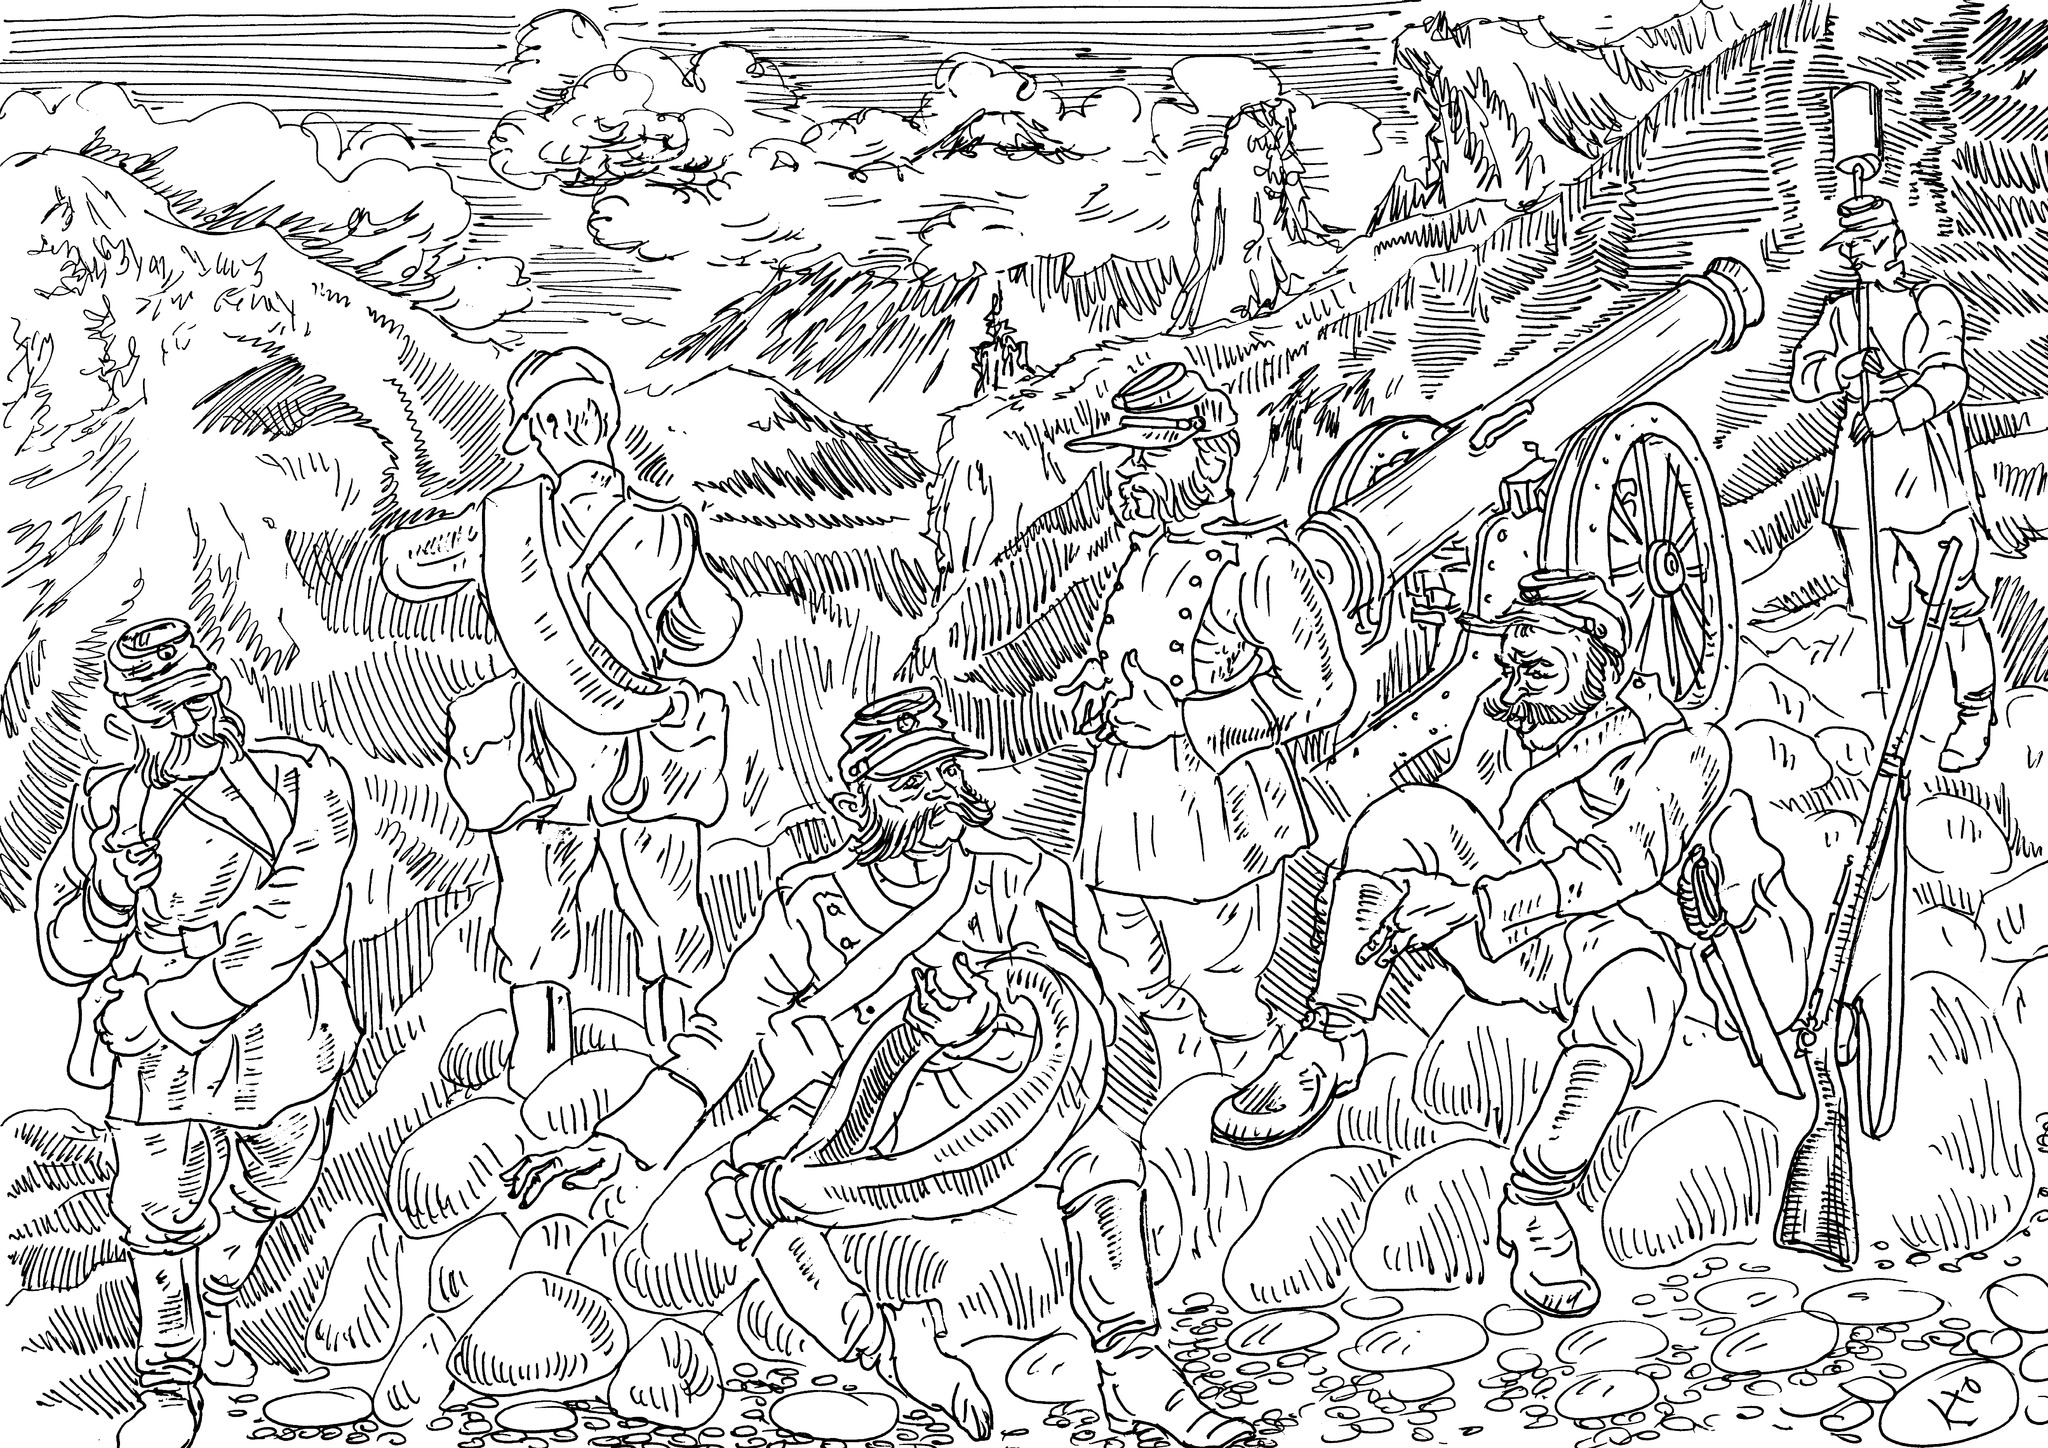 Где пройдёт олень — там пройдёт русский солдат. Там, где не пройдёт олень, все равно пройдёт русский солдат (А.В. Суворов)